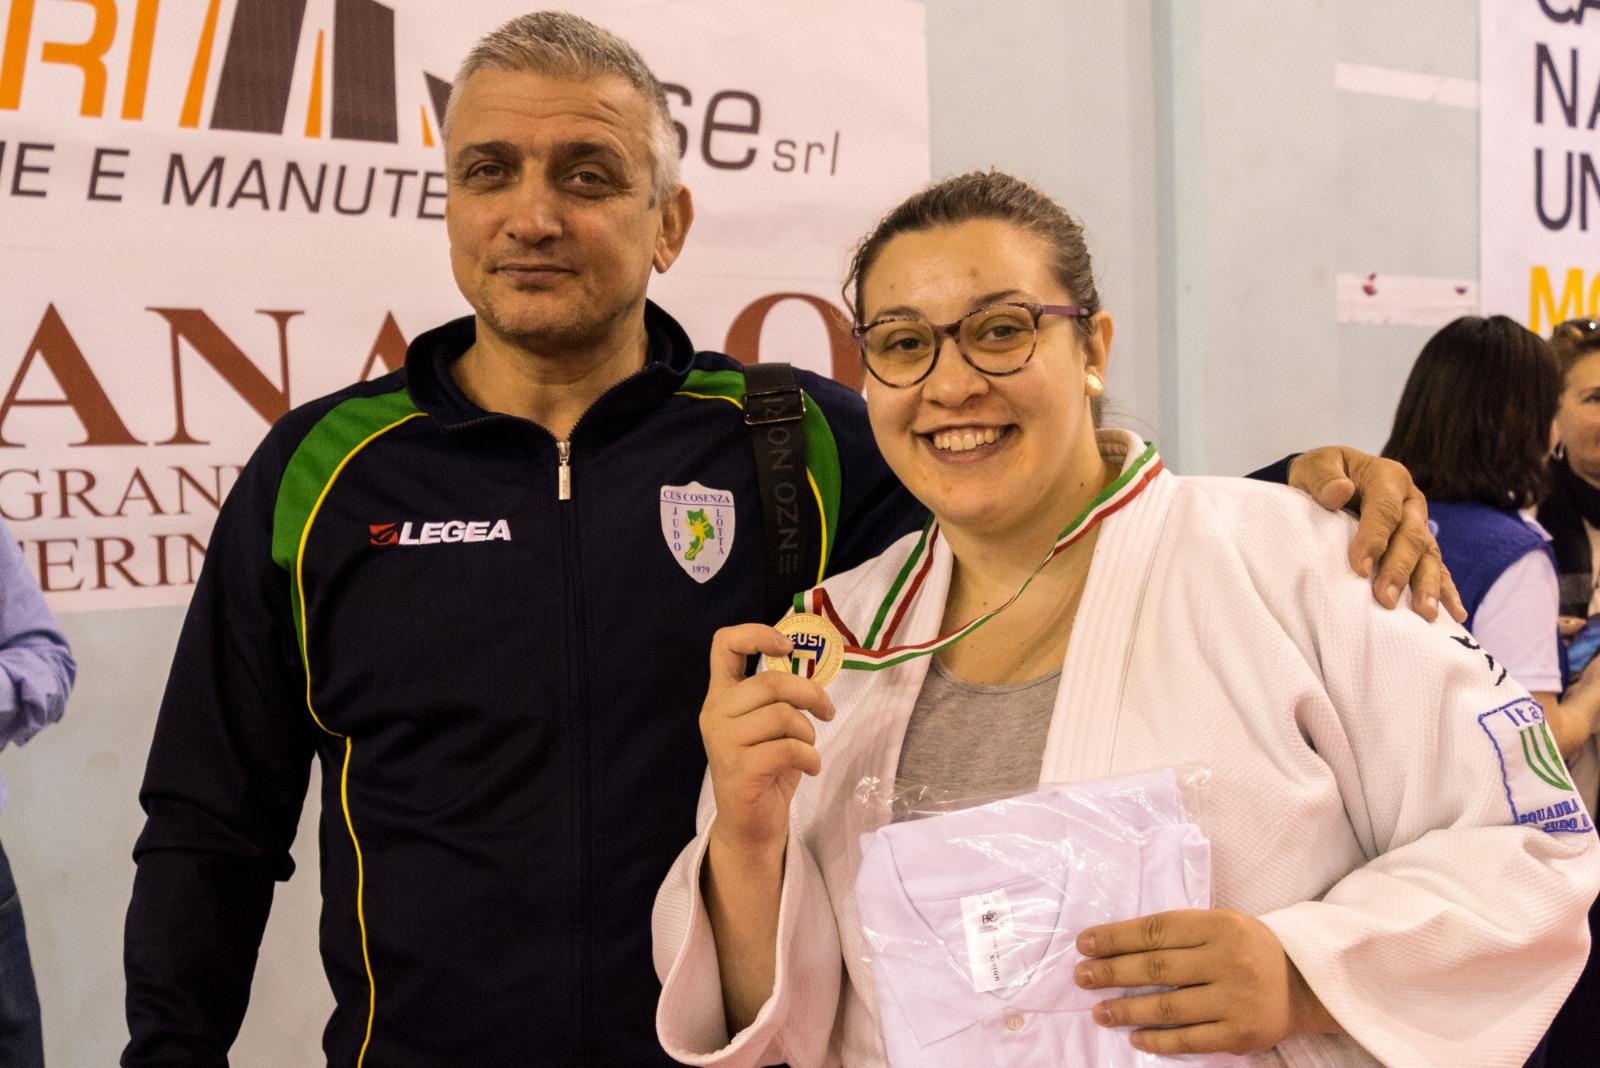 Studio e sport, la storia di Debora judoka calabrese alle Universiadi: «Una grande opportunità»